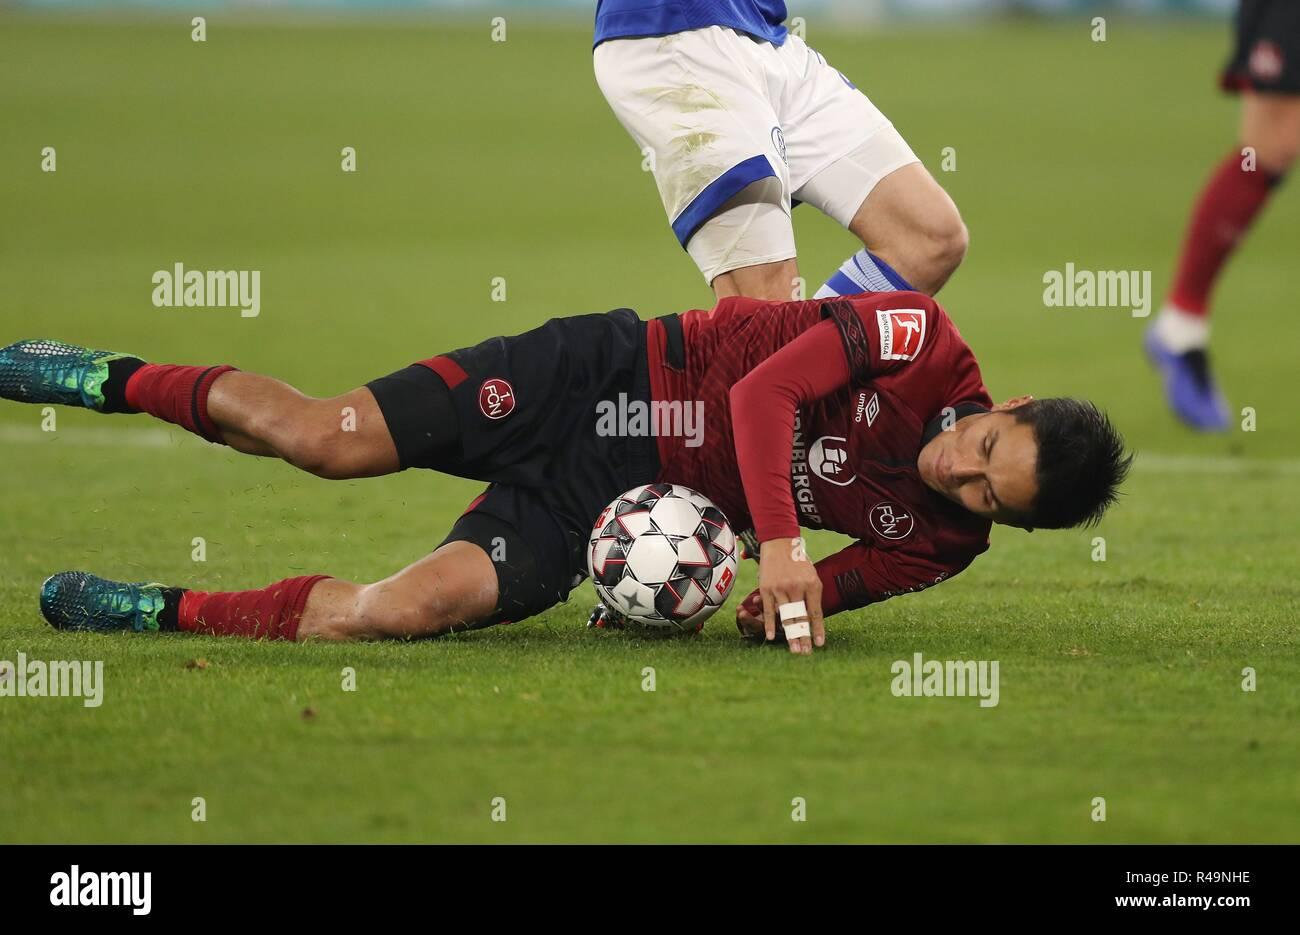 Firo: 24.11.2018 Fußball, Fußball, 1.Bundesliga, Saison 2018/2019, FC Schalke 04 - 1.FC Nürnberg 5:2 Yuya Kubo. | Verwendung weltweit Stockbild